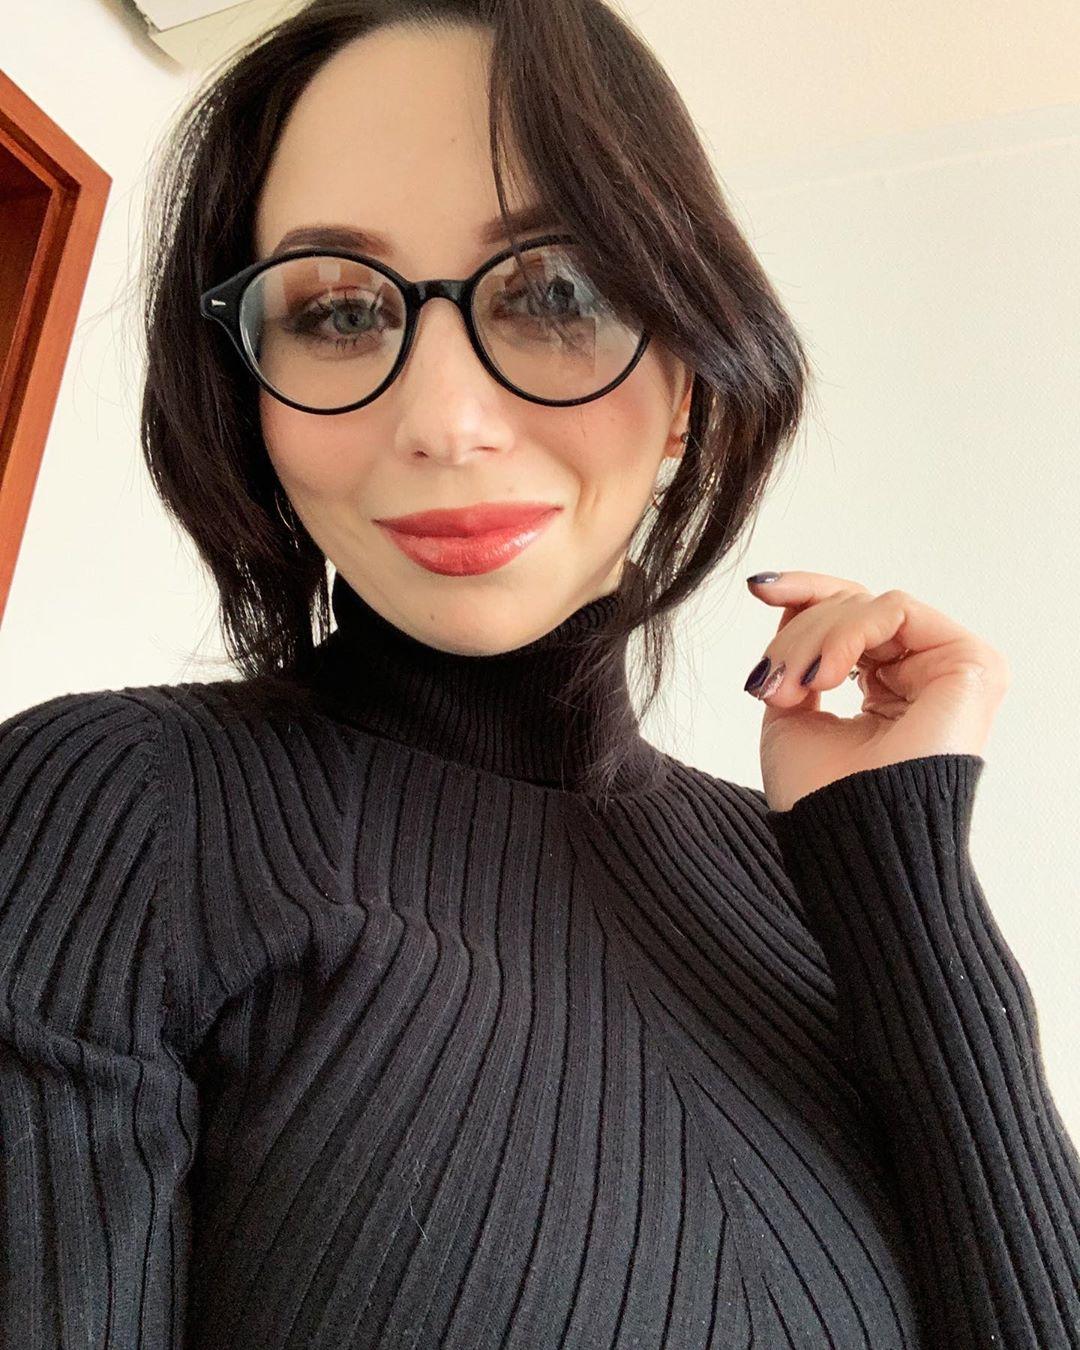 Елизавета Туктамышева в очках и черном свитере